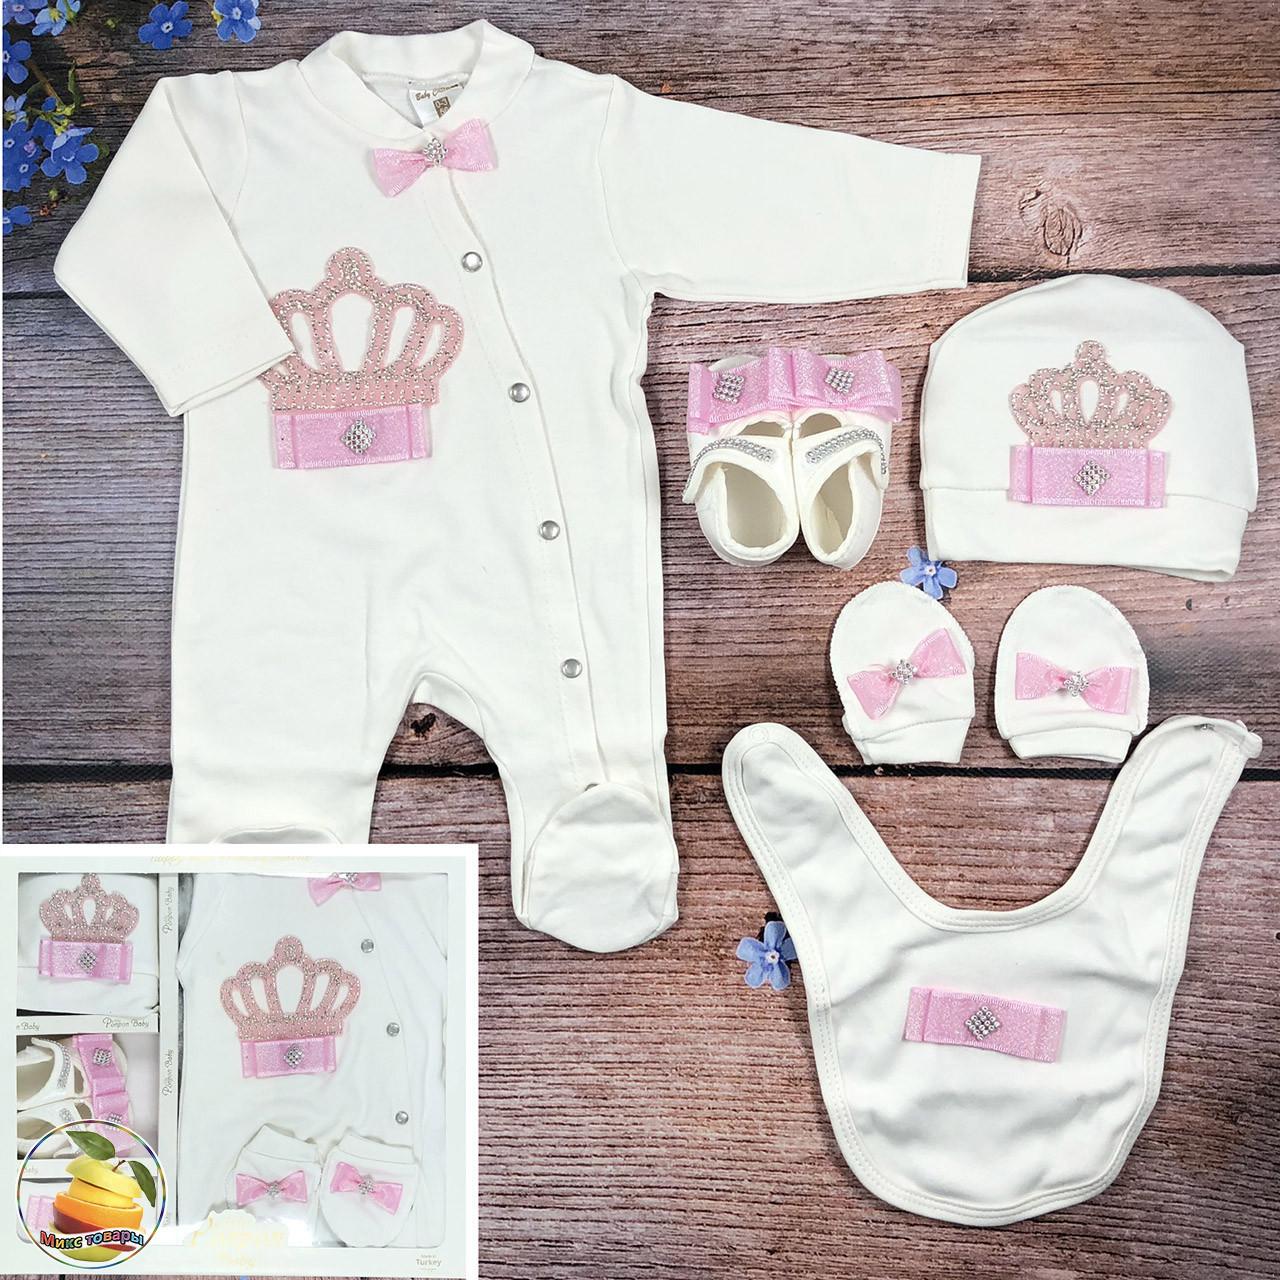 Подарунковий набір для новонародженого Розмір: 0-3 місяці (20252-1)